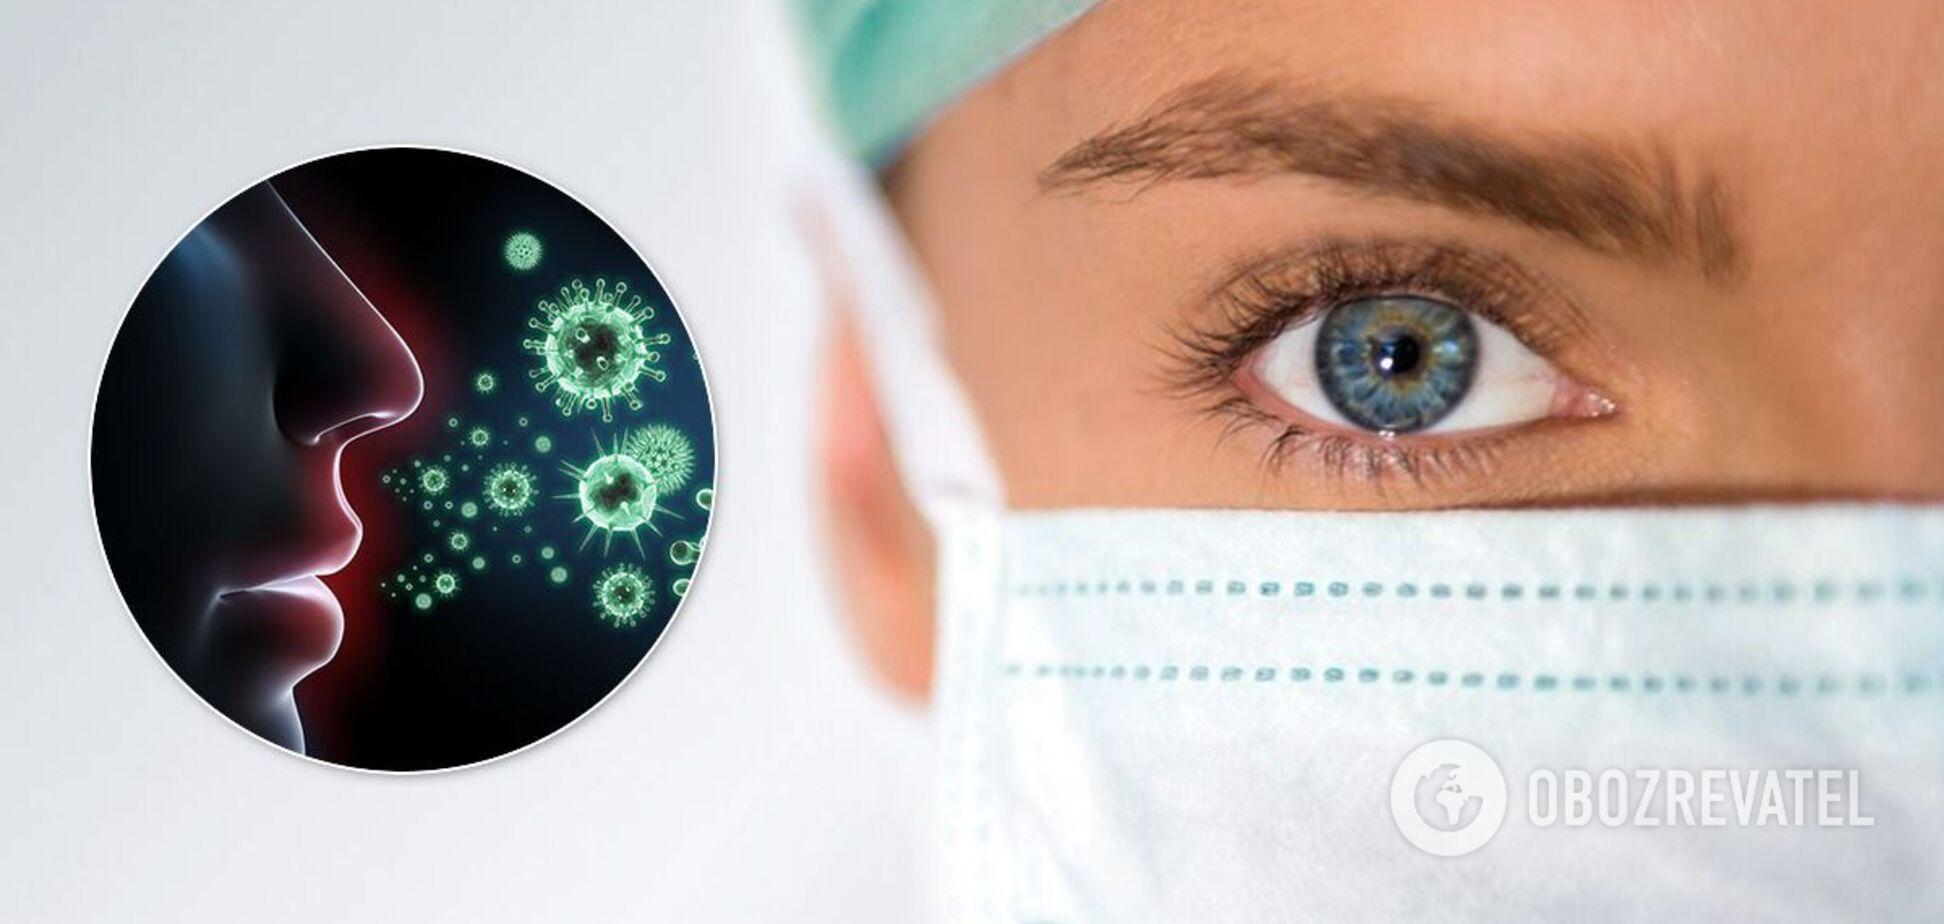 Коронавірус здатний проникати в очі